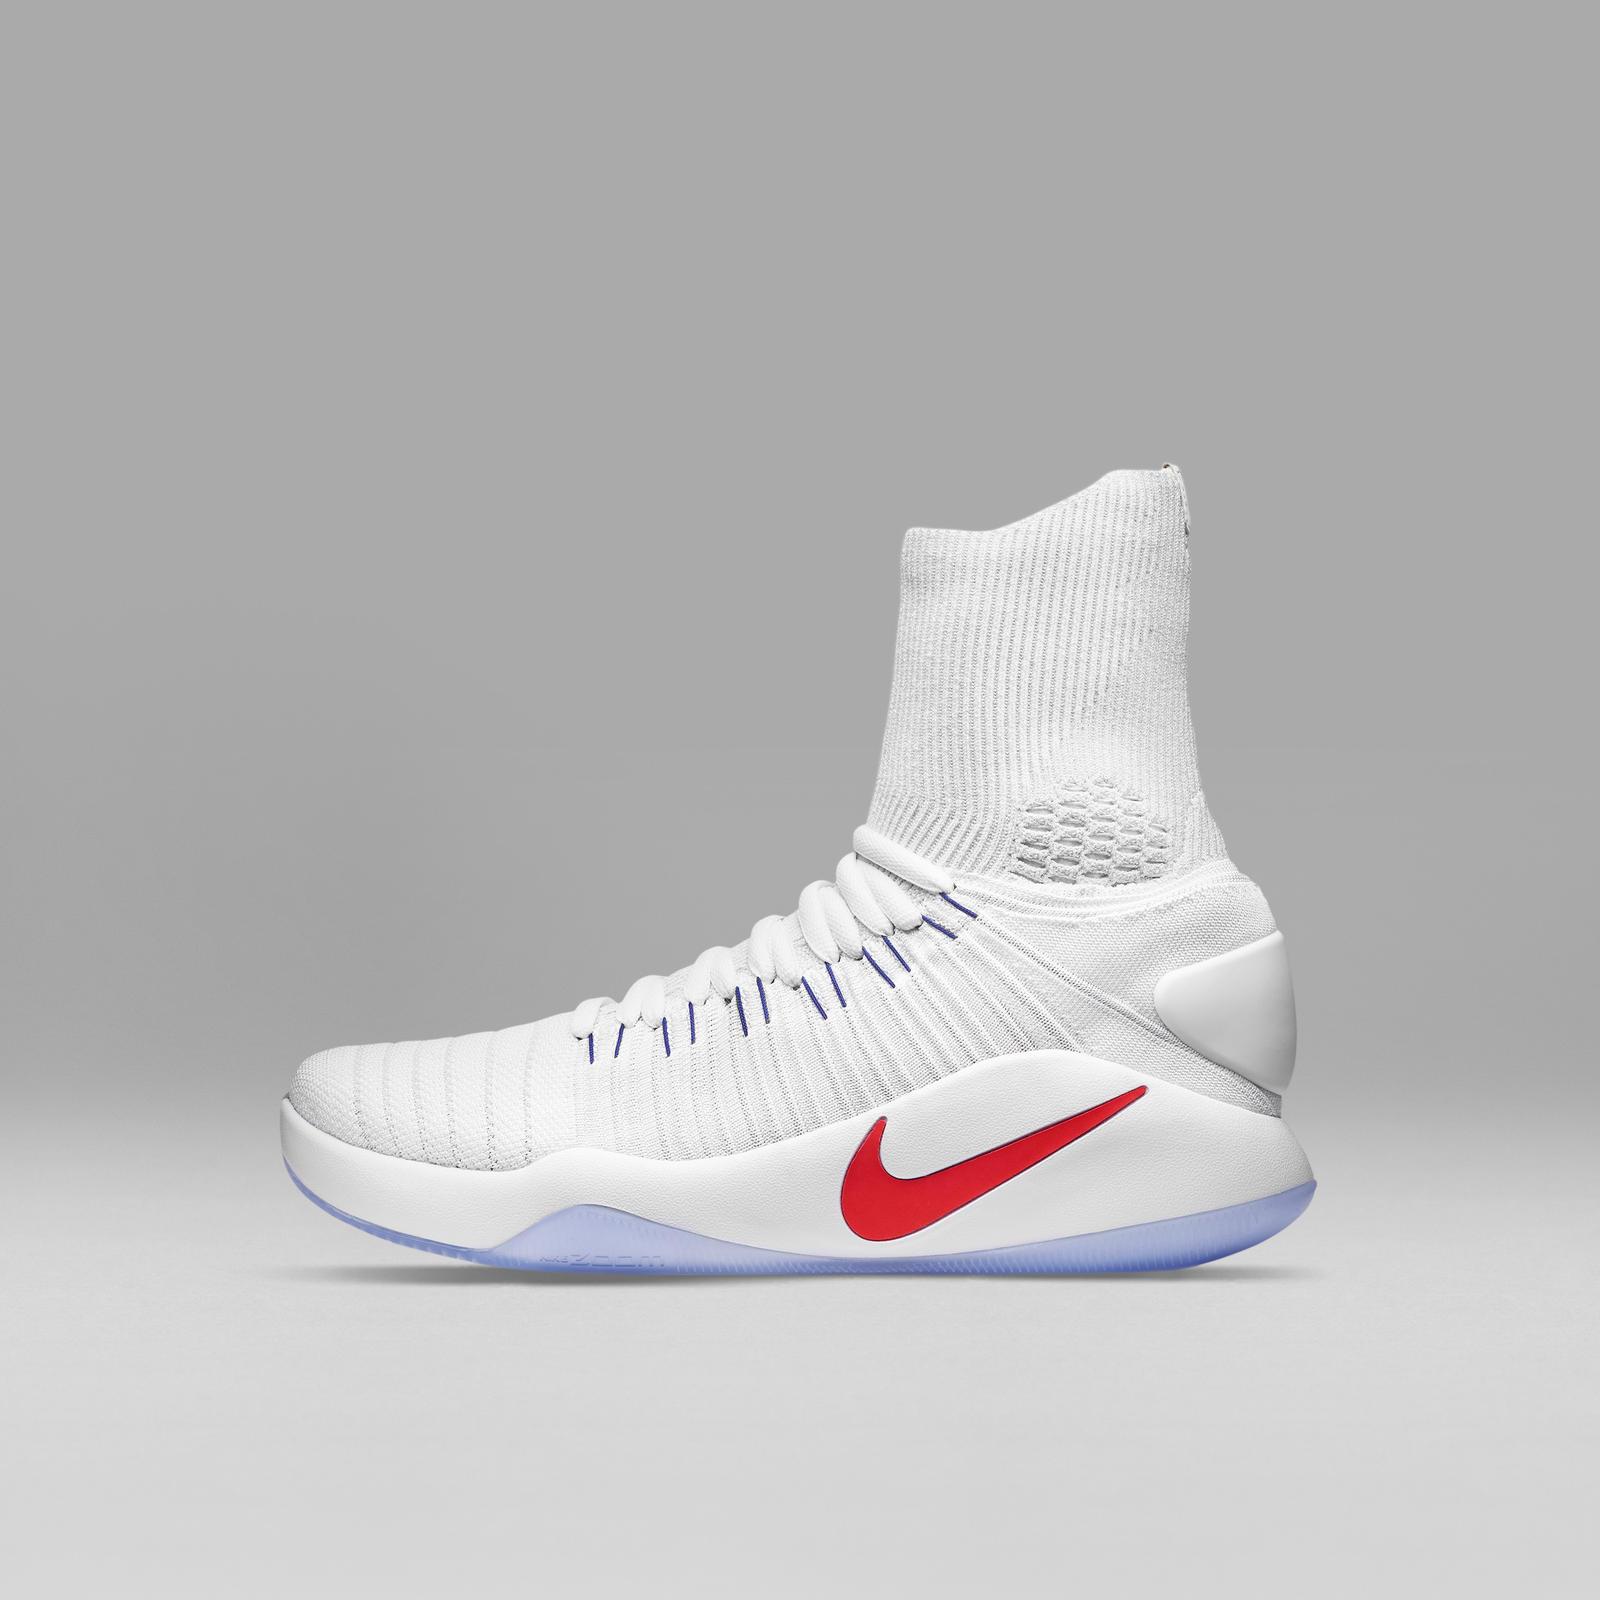 Nike Hyperdunk 2016 Exemplifies